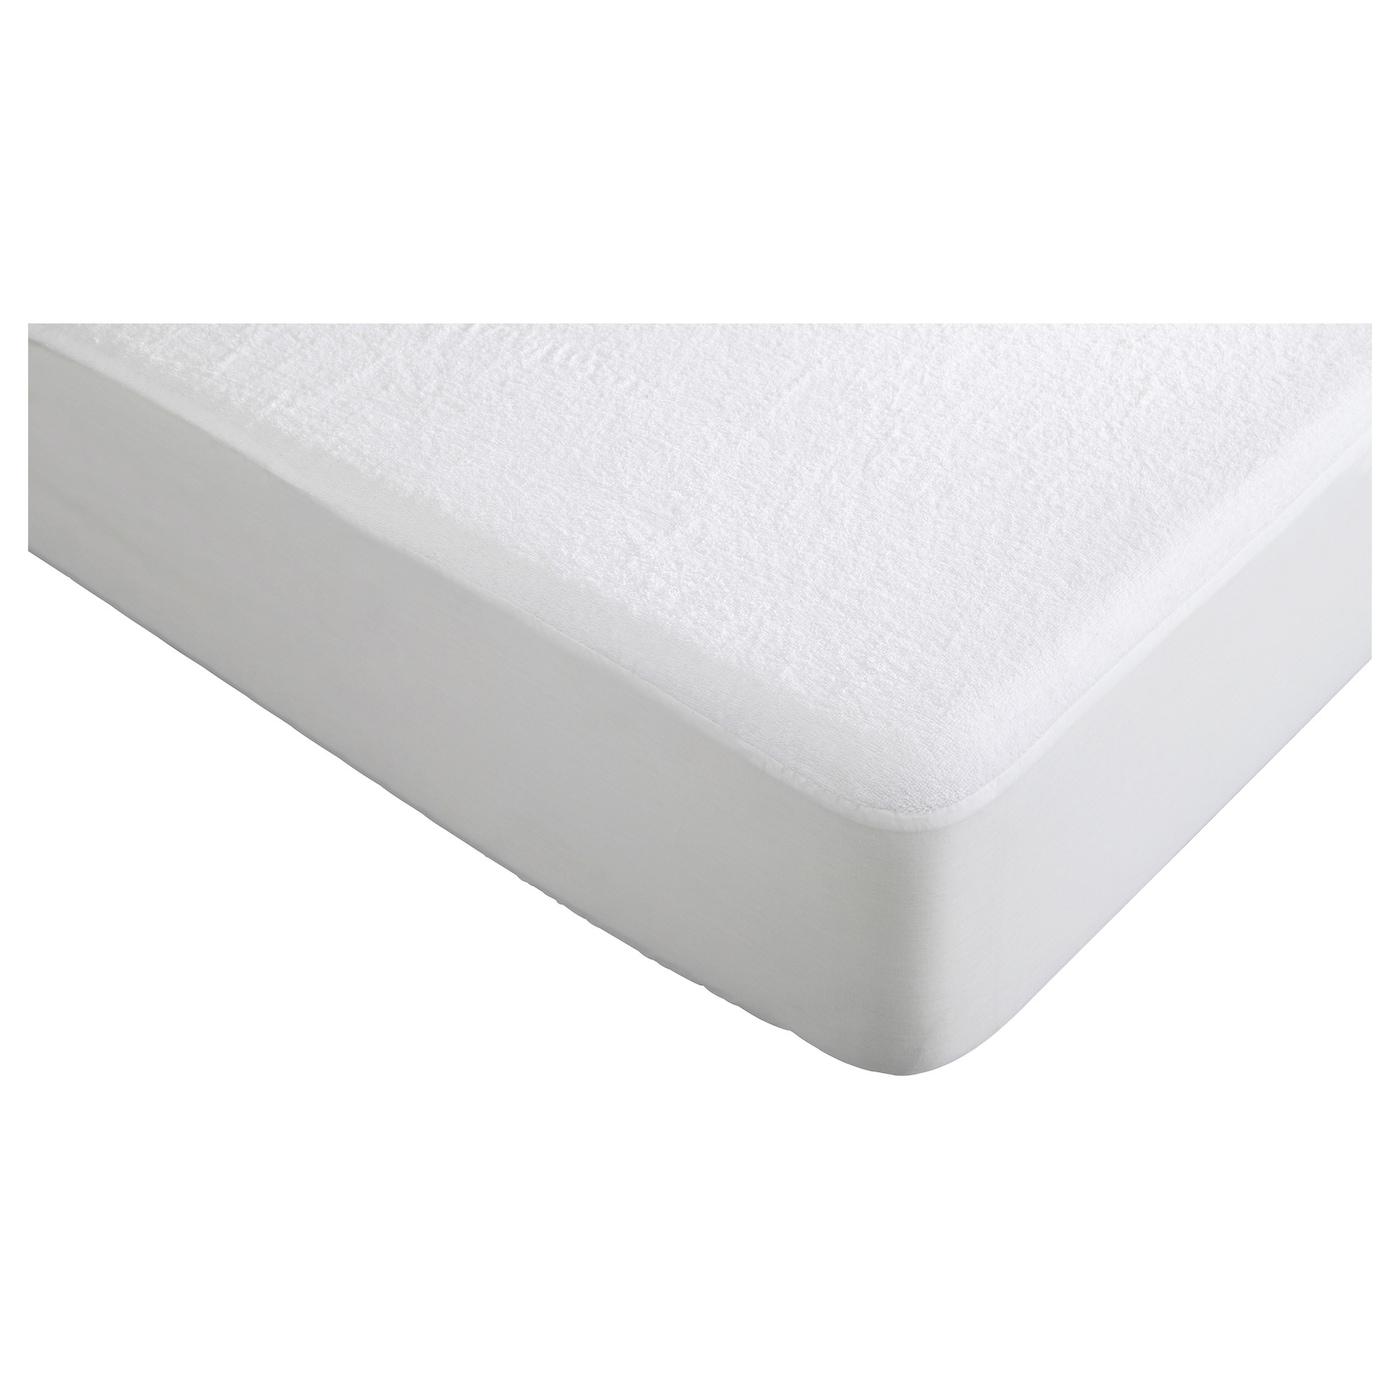 Schuhschrank Ikea Trones Weiß ~ Mattress protector GÖKÄRT